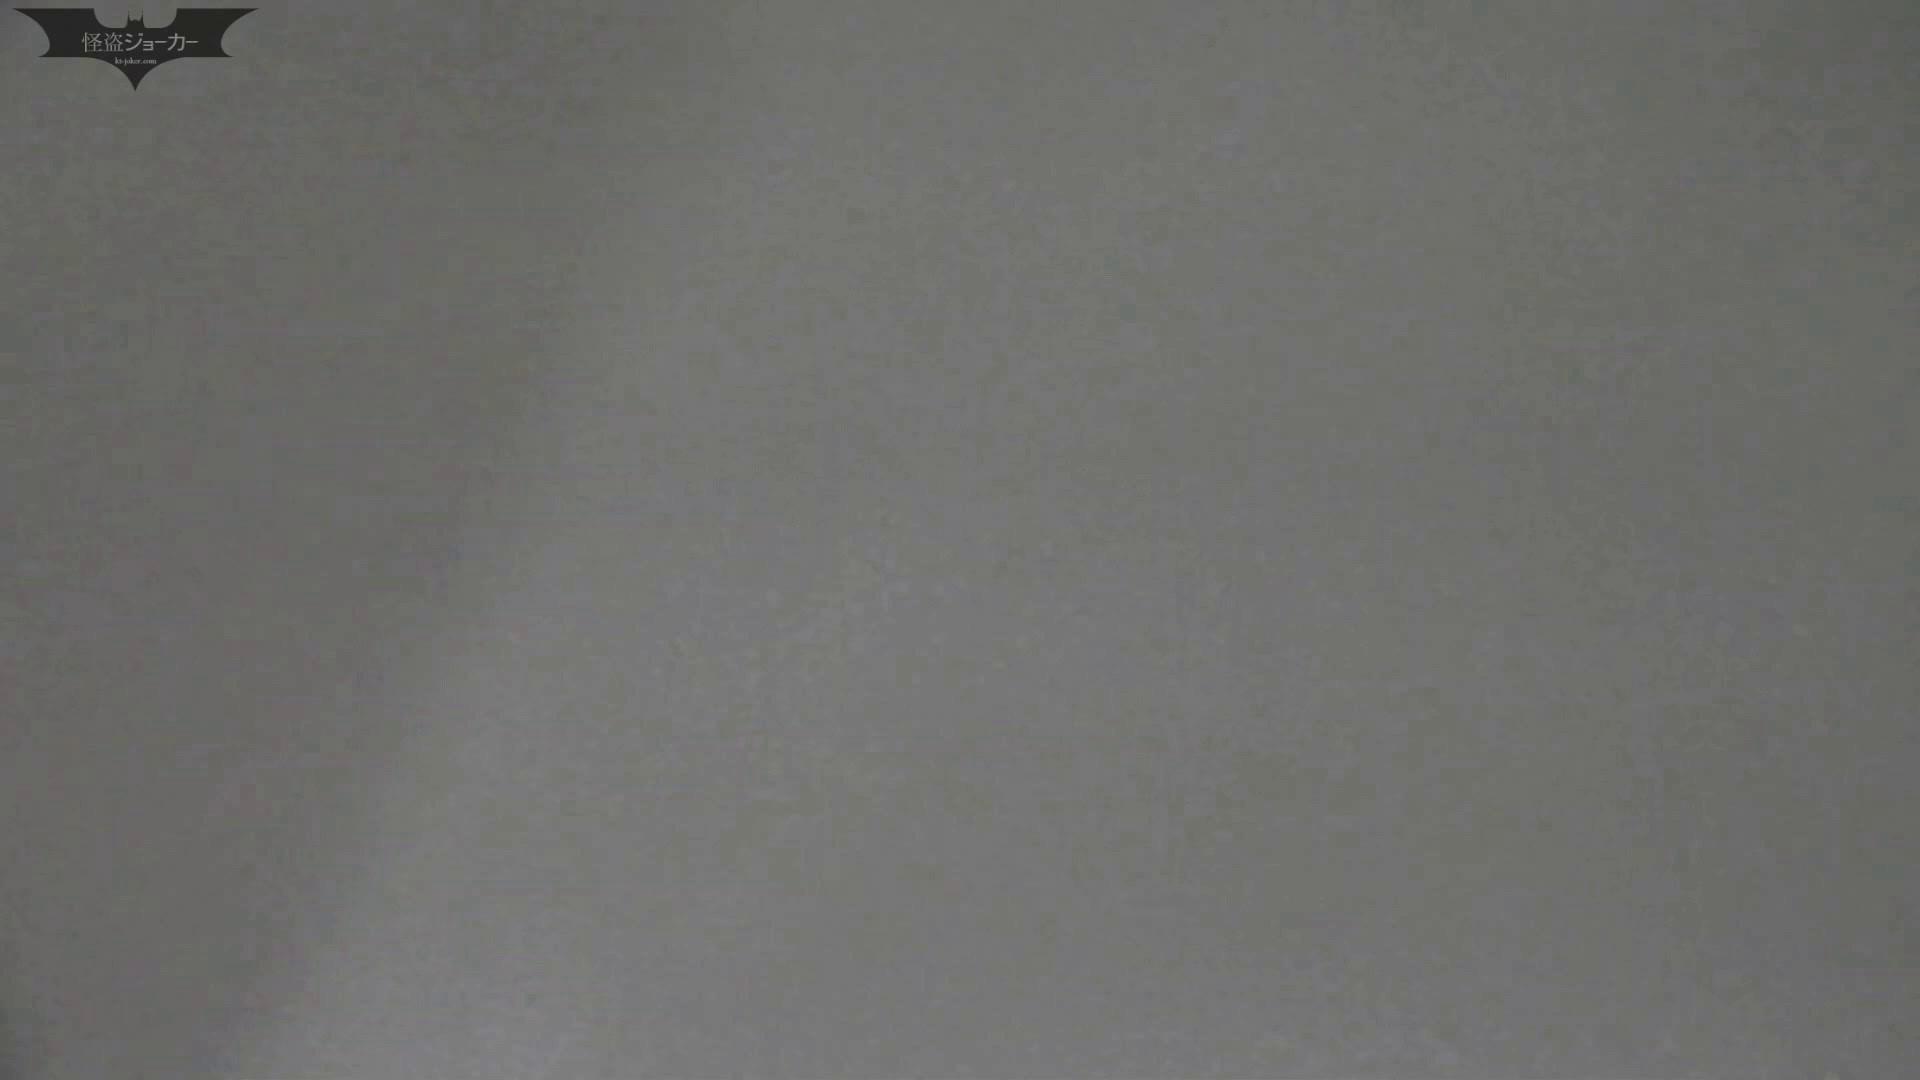 「洗面所突入レポート!!」vol.56まず並ぶ所から!決して真似しないでください ギャル達 アダルト動画キャプチャ 103枚 30